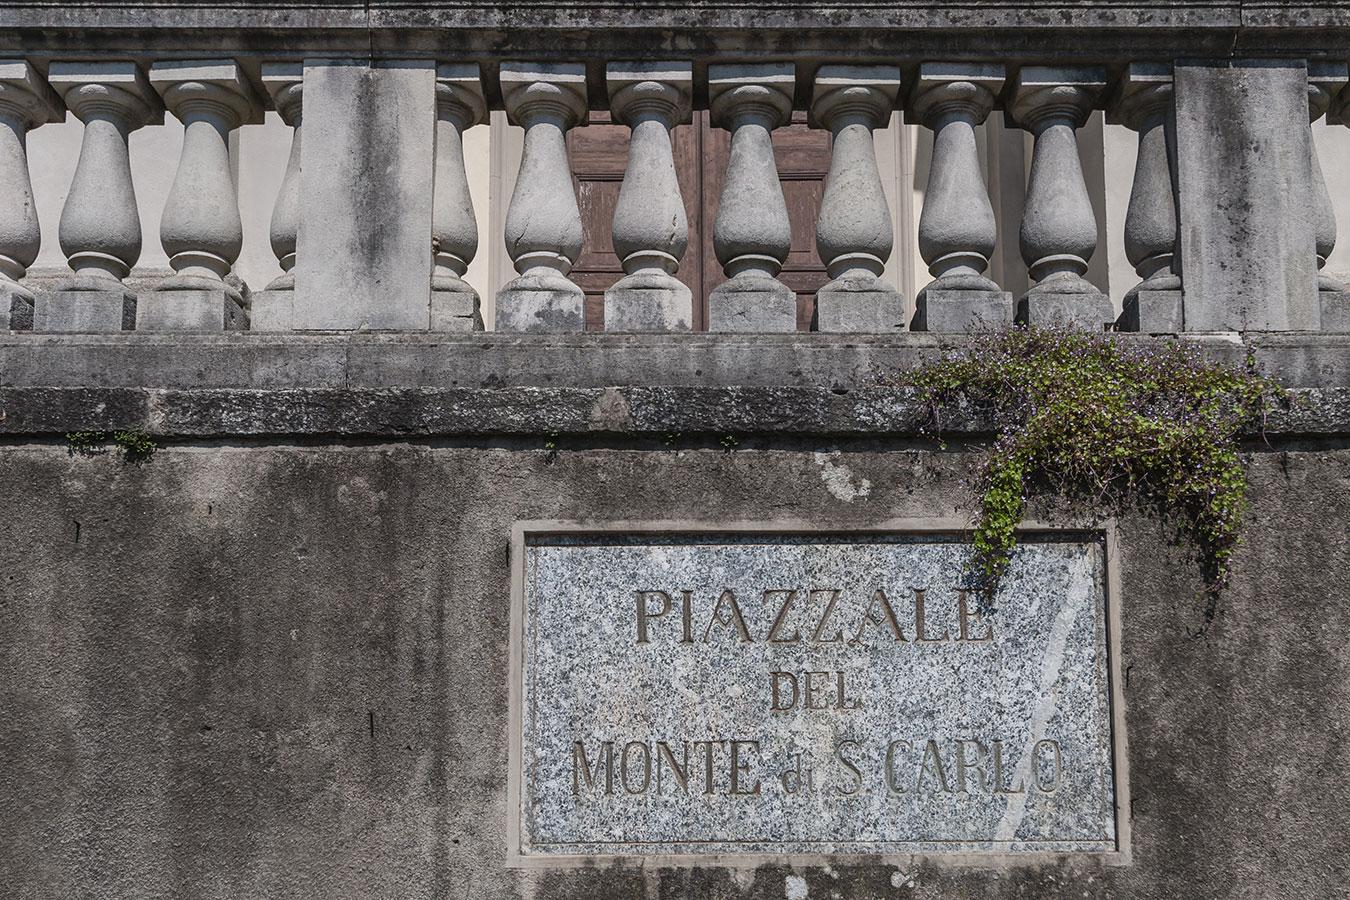 Piazzale del Monte San Carlo